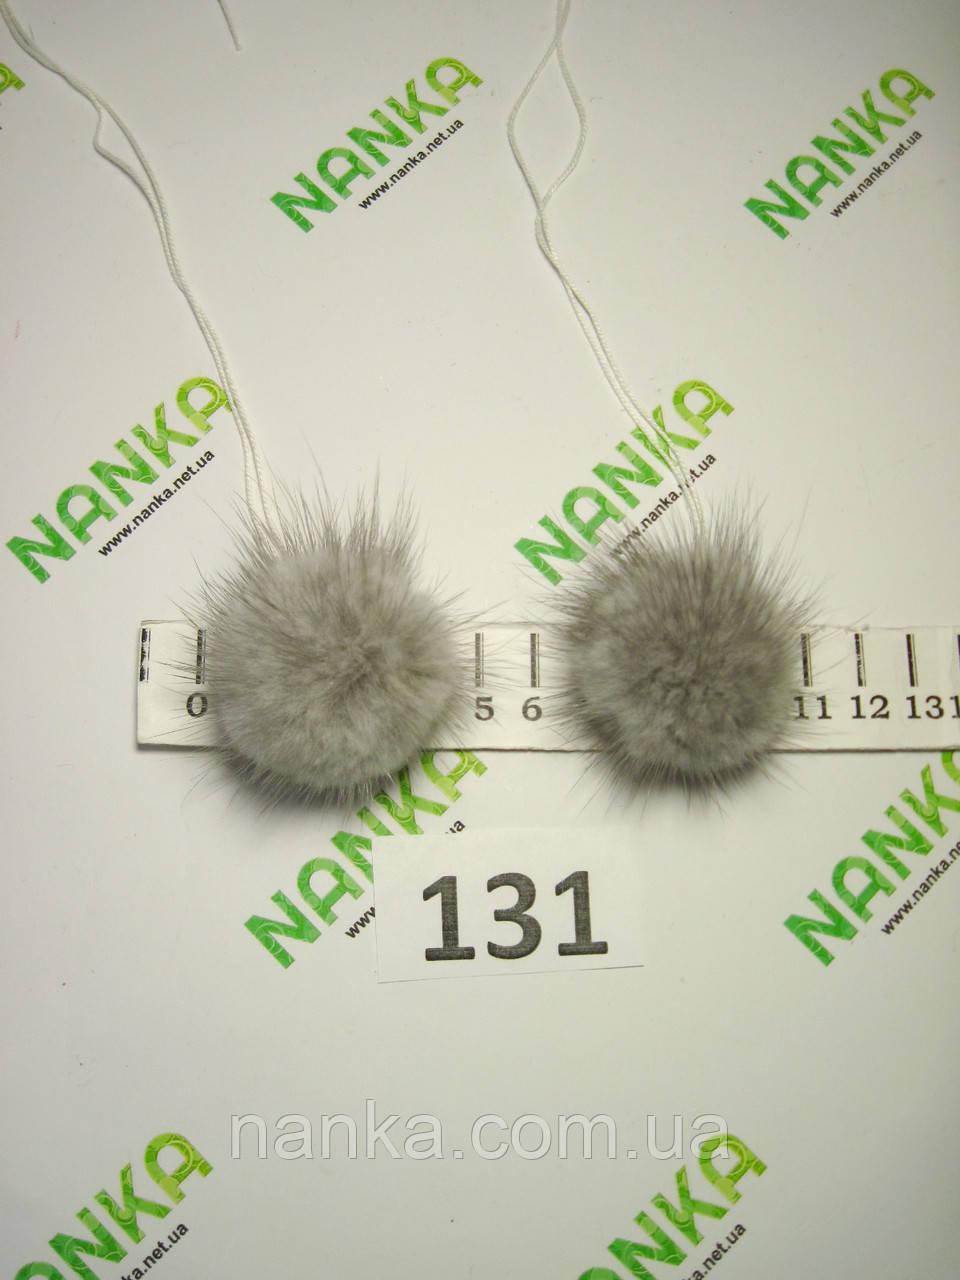 Меховой помпон Норка, Св. Серый, 4 см, пара 131